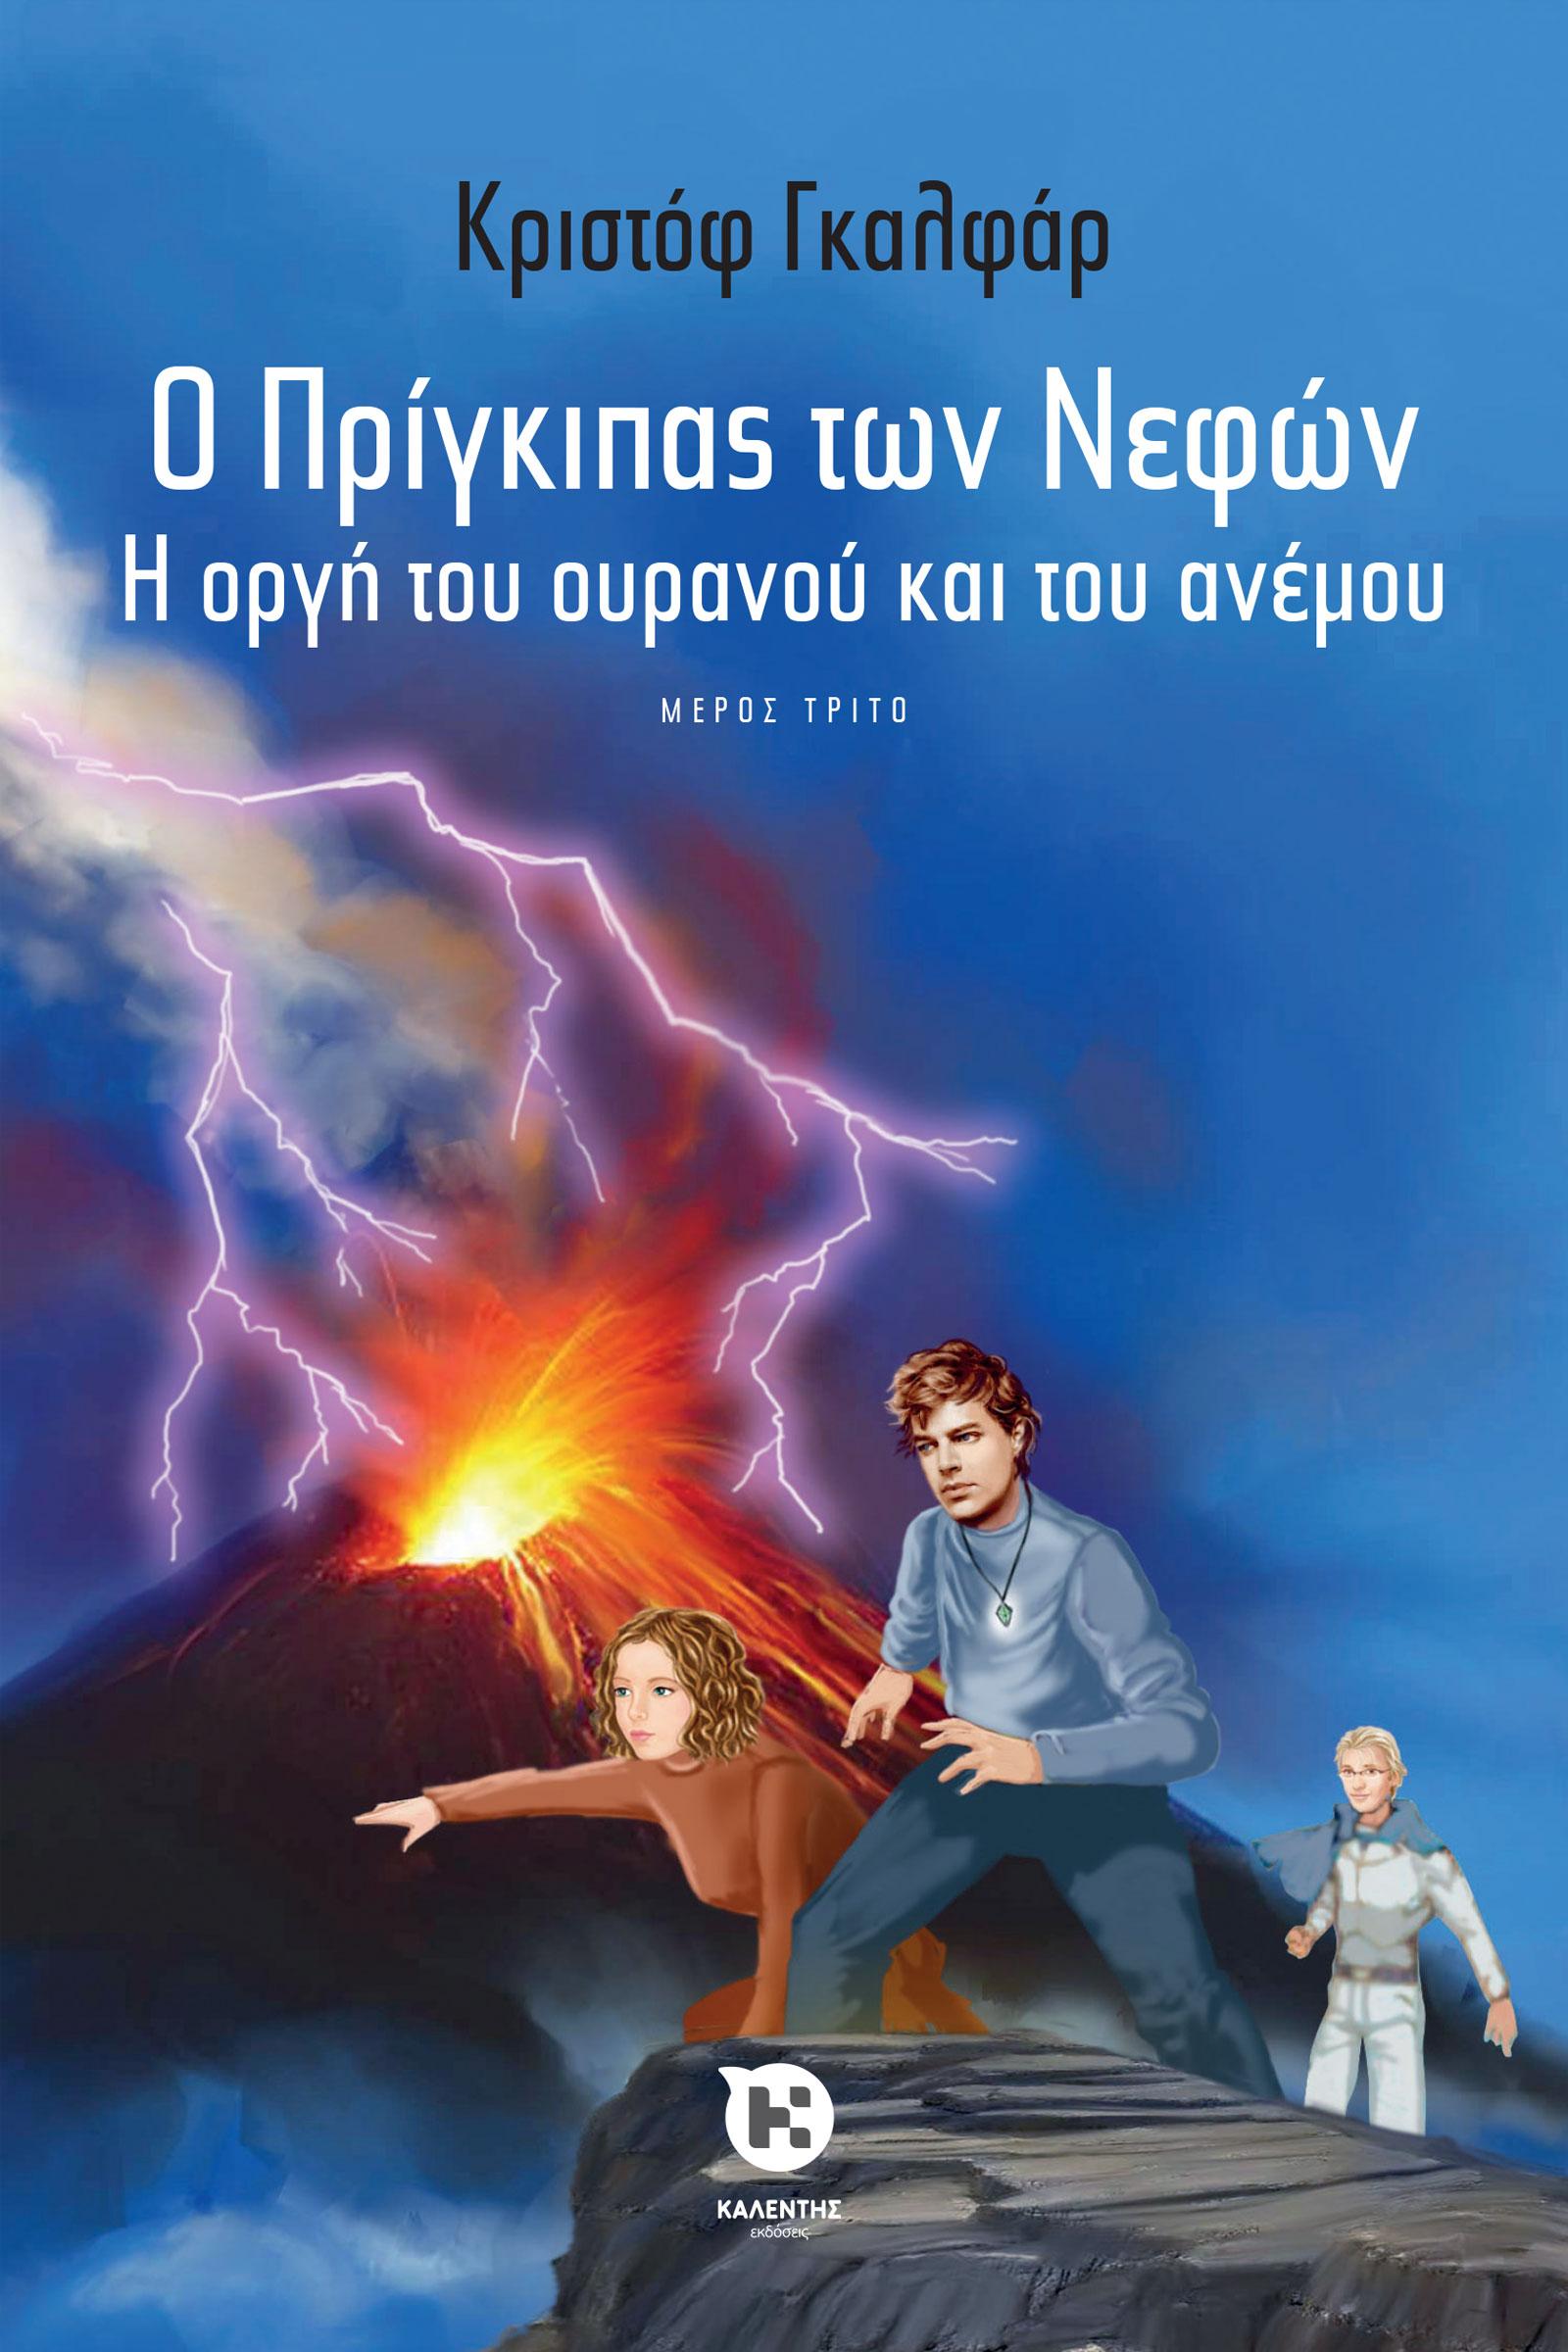 Ο Πρίγκιπας των Νεφών ΙΙΙ – Η οργή του ουρανού και του ανέμου